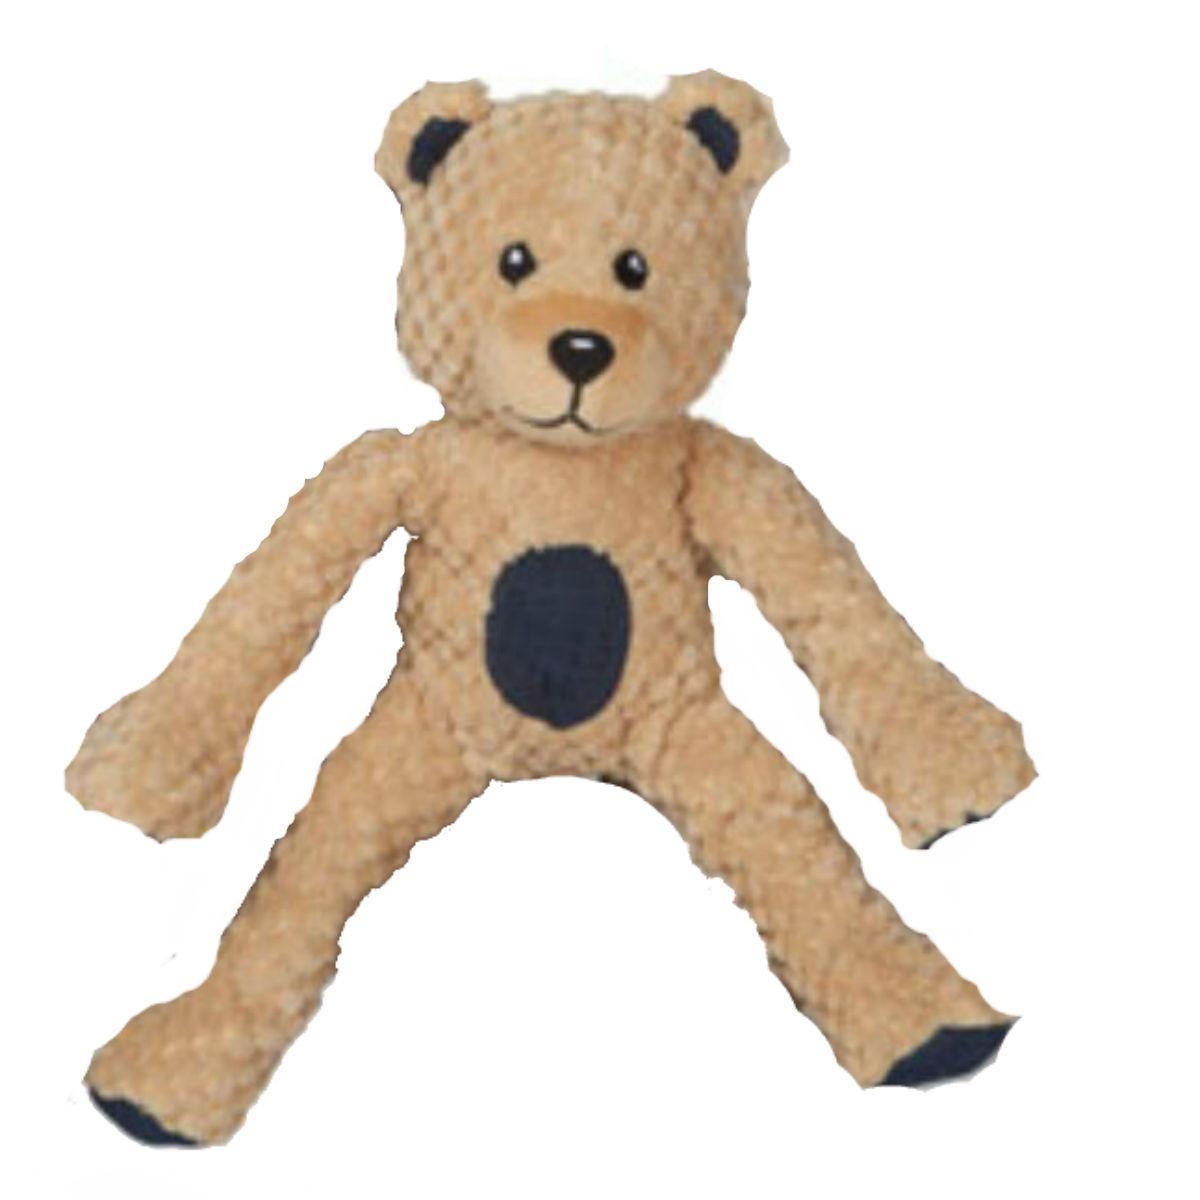 fabdog® Floppy Friends Dog Toy - Camel Teddy Bear